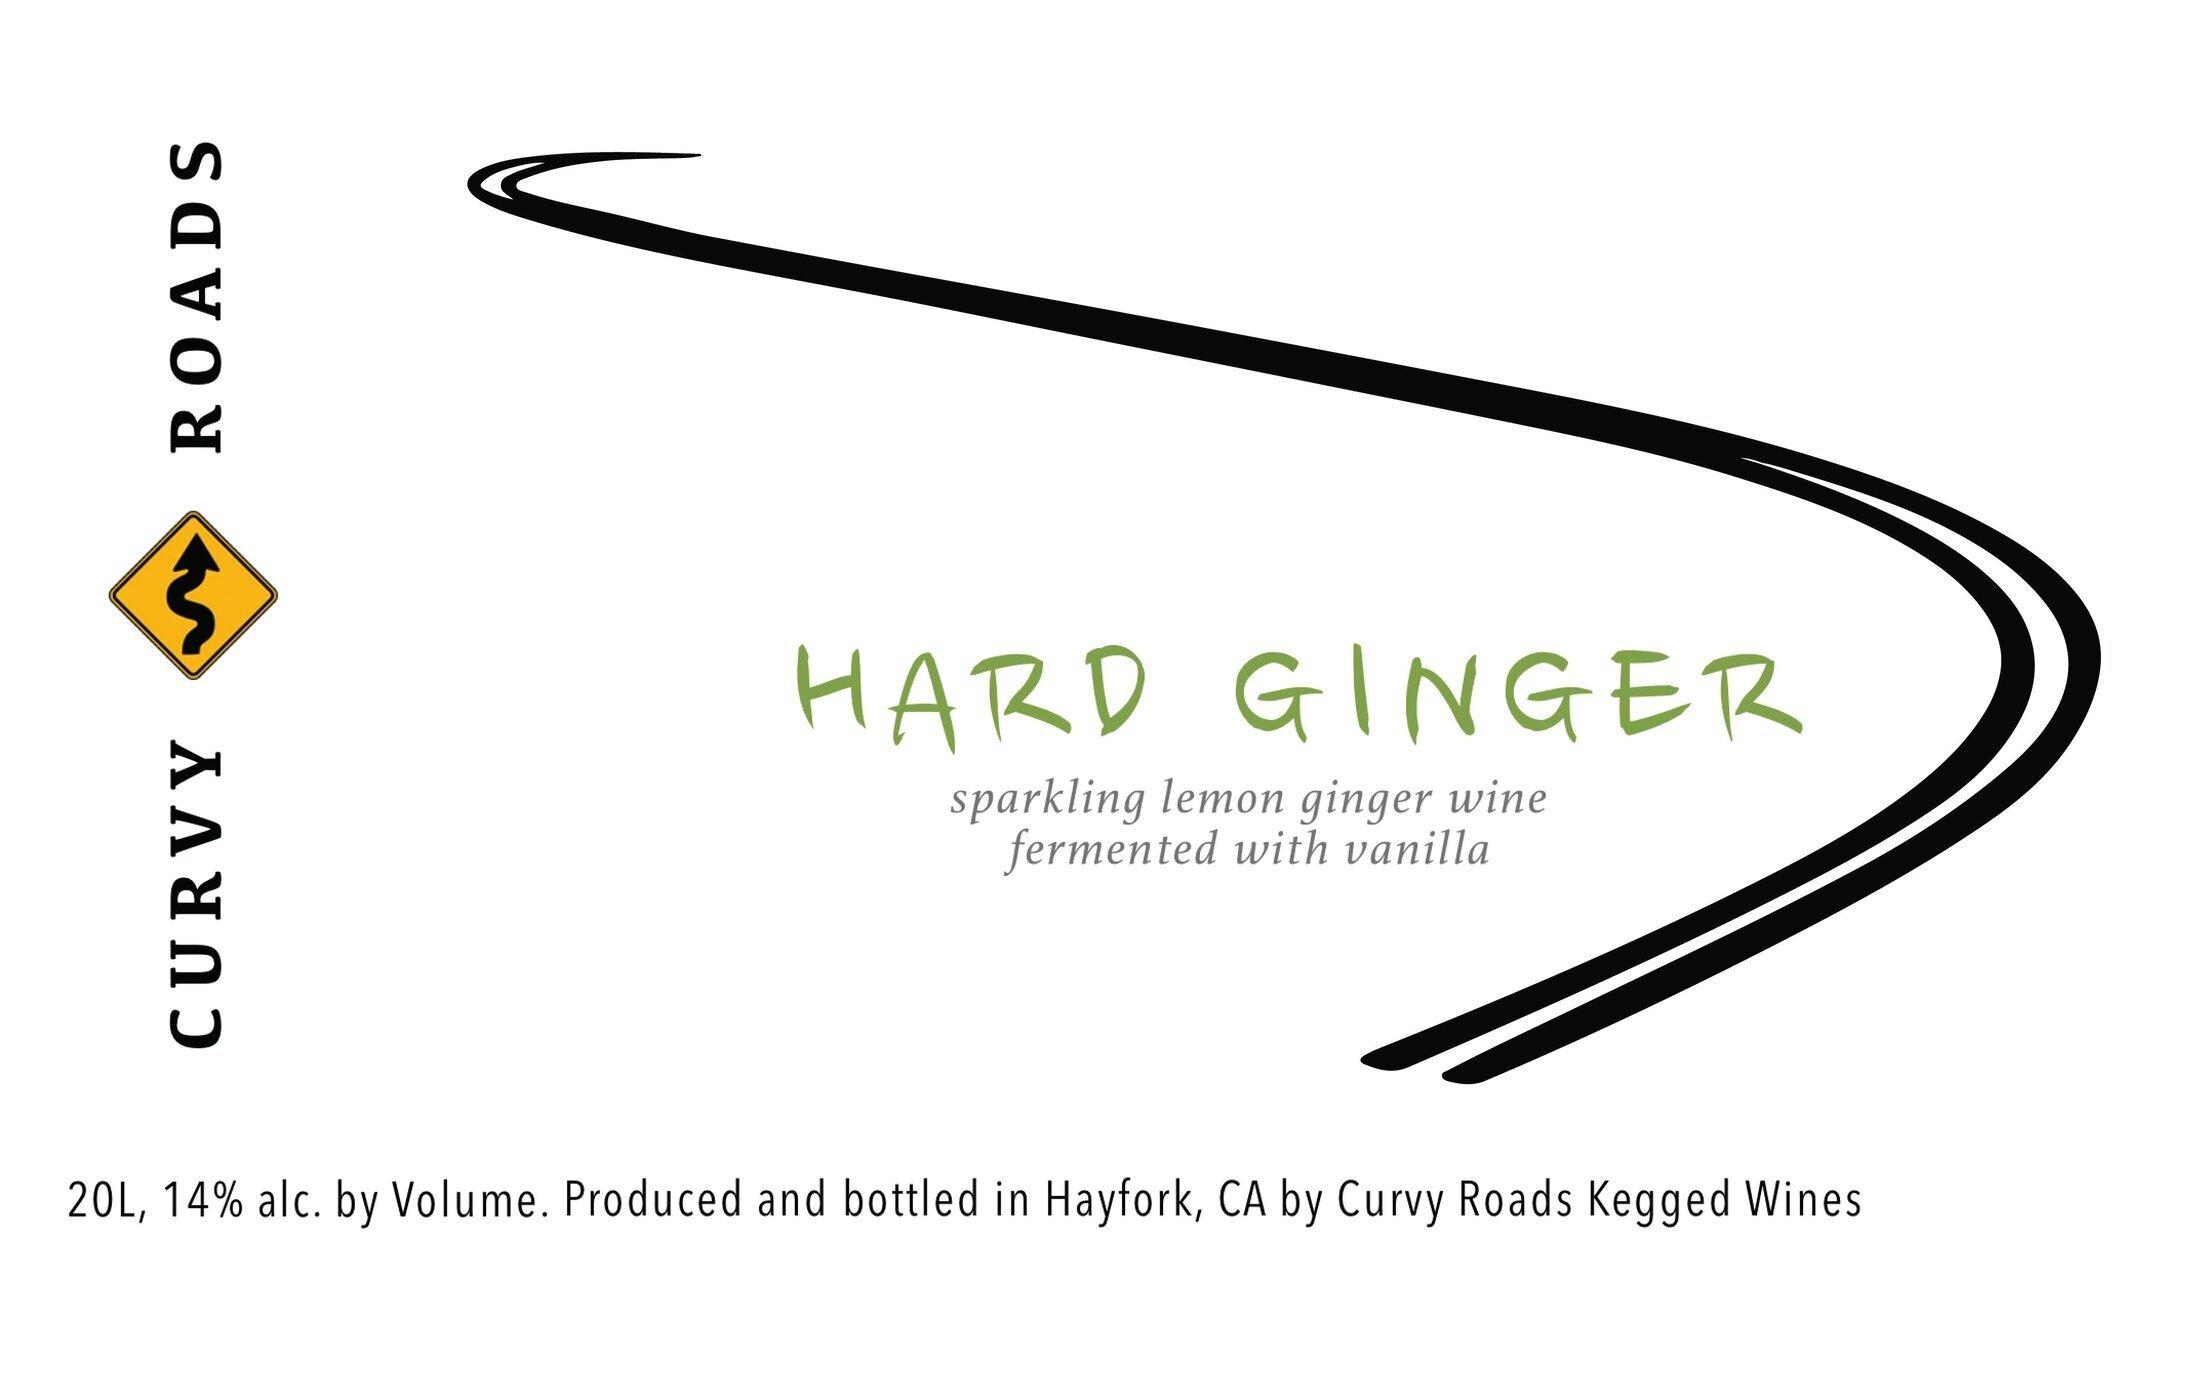 HardGingerKeg-nogovt.jpg